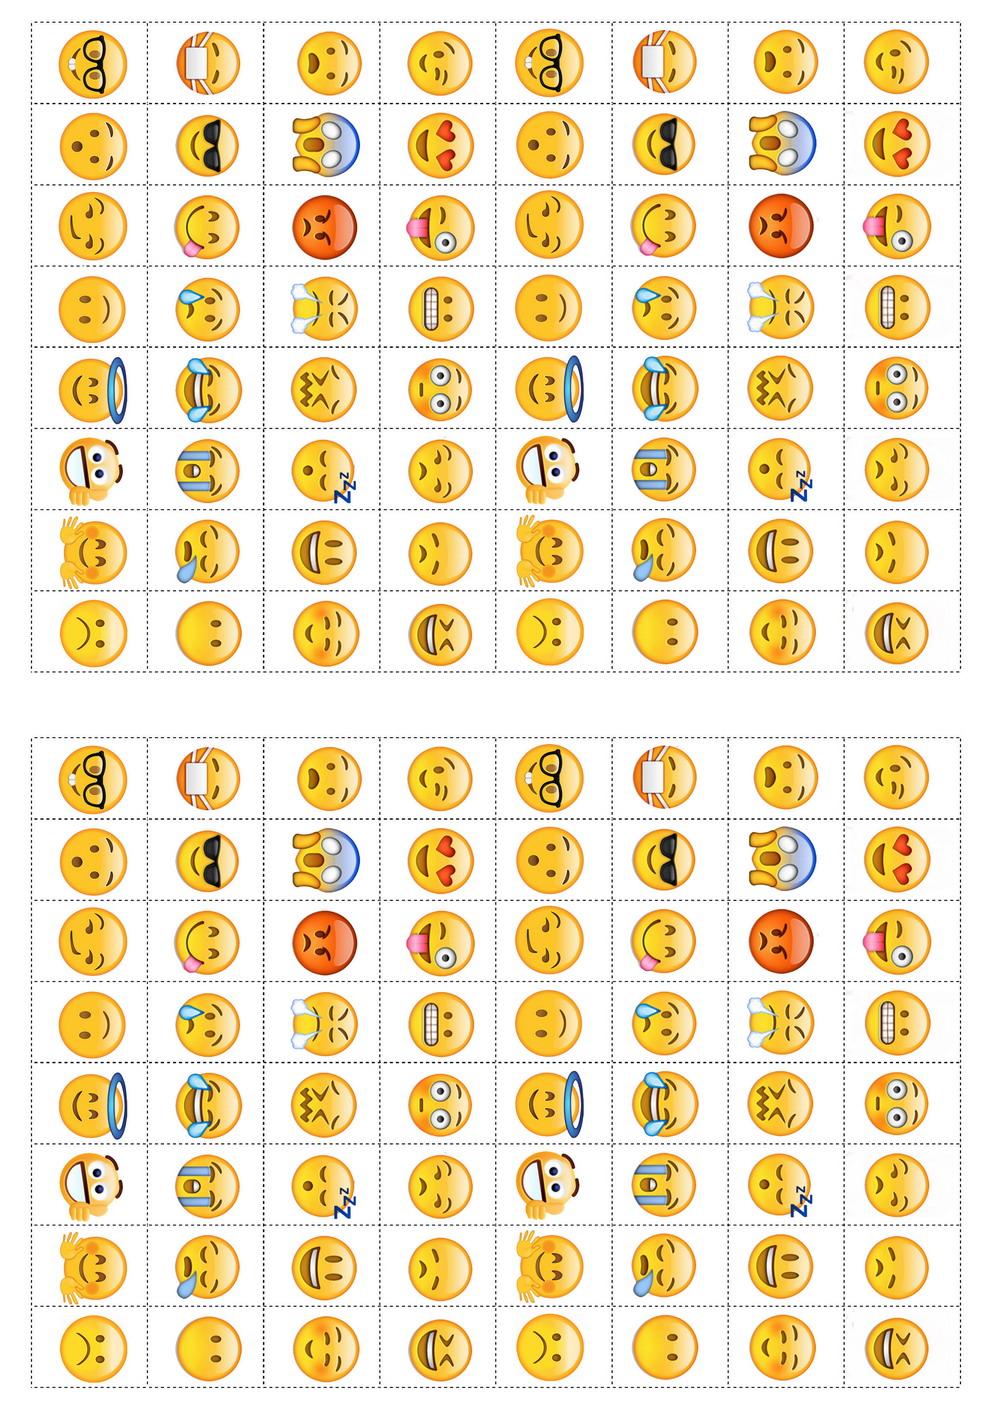 image about Large Printable Emojis known as Emoji Stickers Birthday Printable